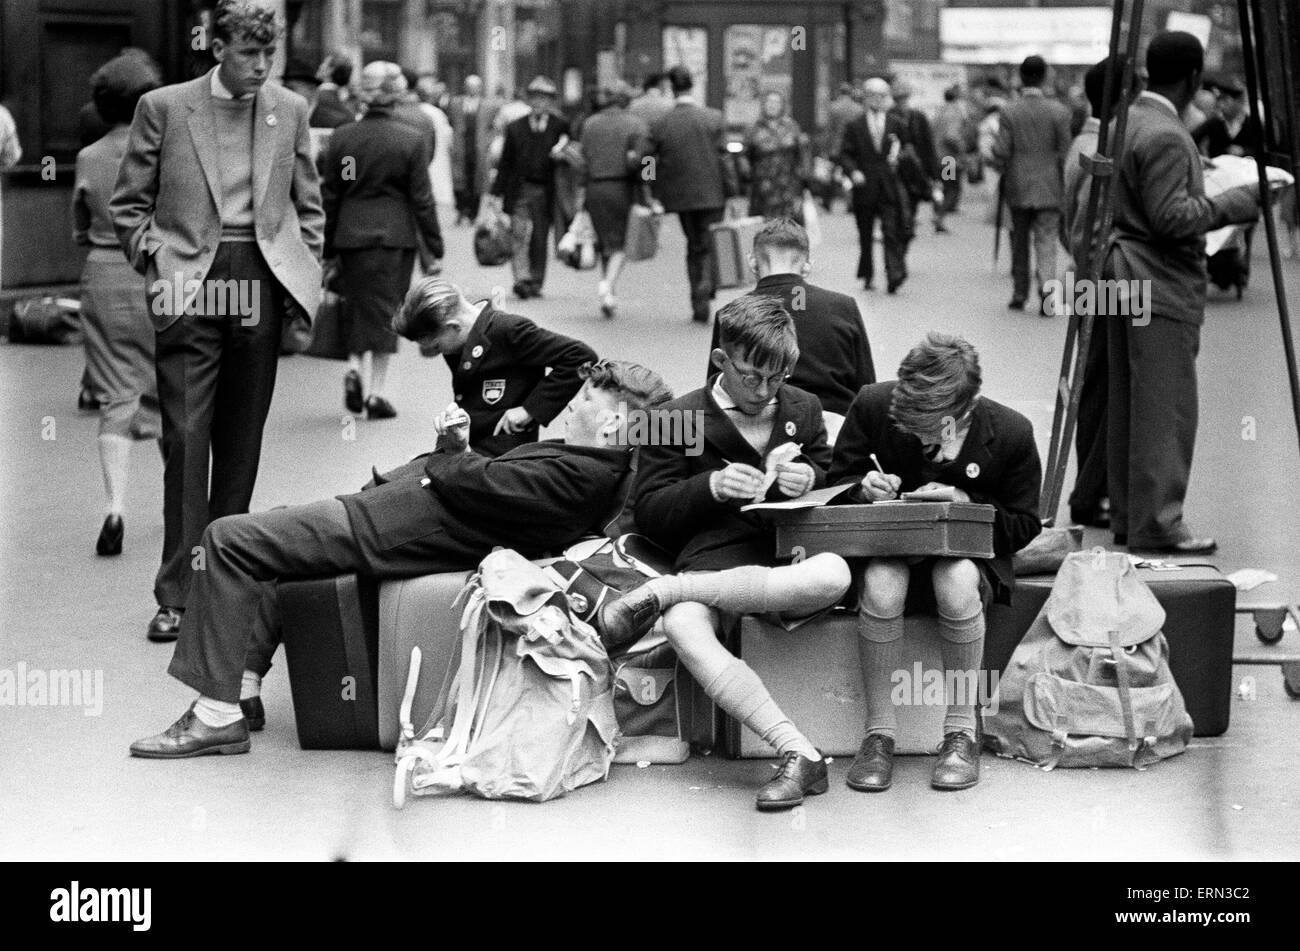 Las multitudes de vacaciones en la estación de Waterloo, el 29 de julio de 1960. Imagen De Stock